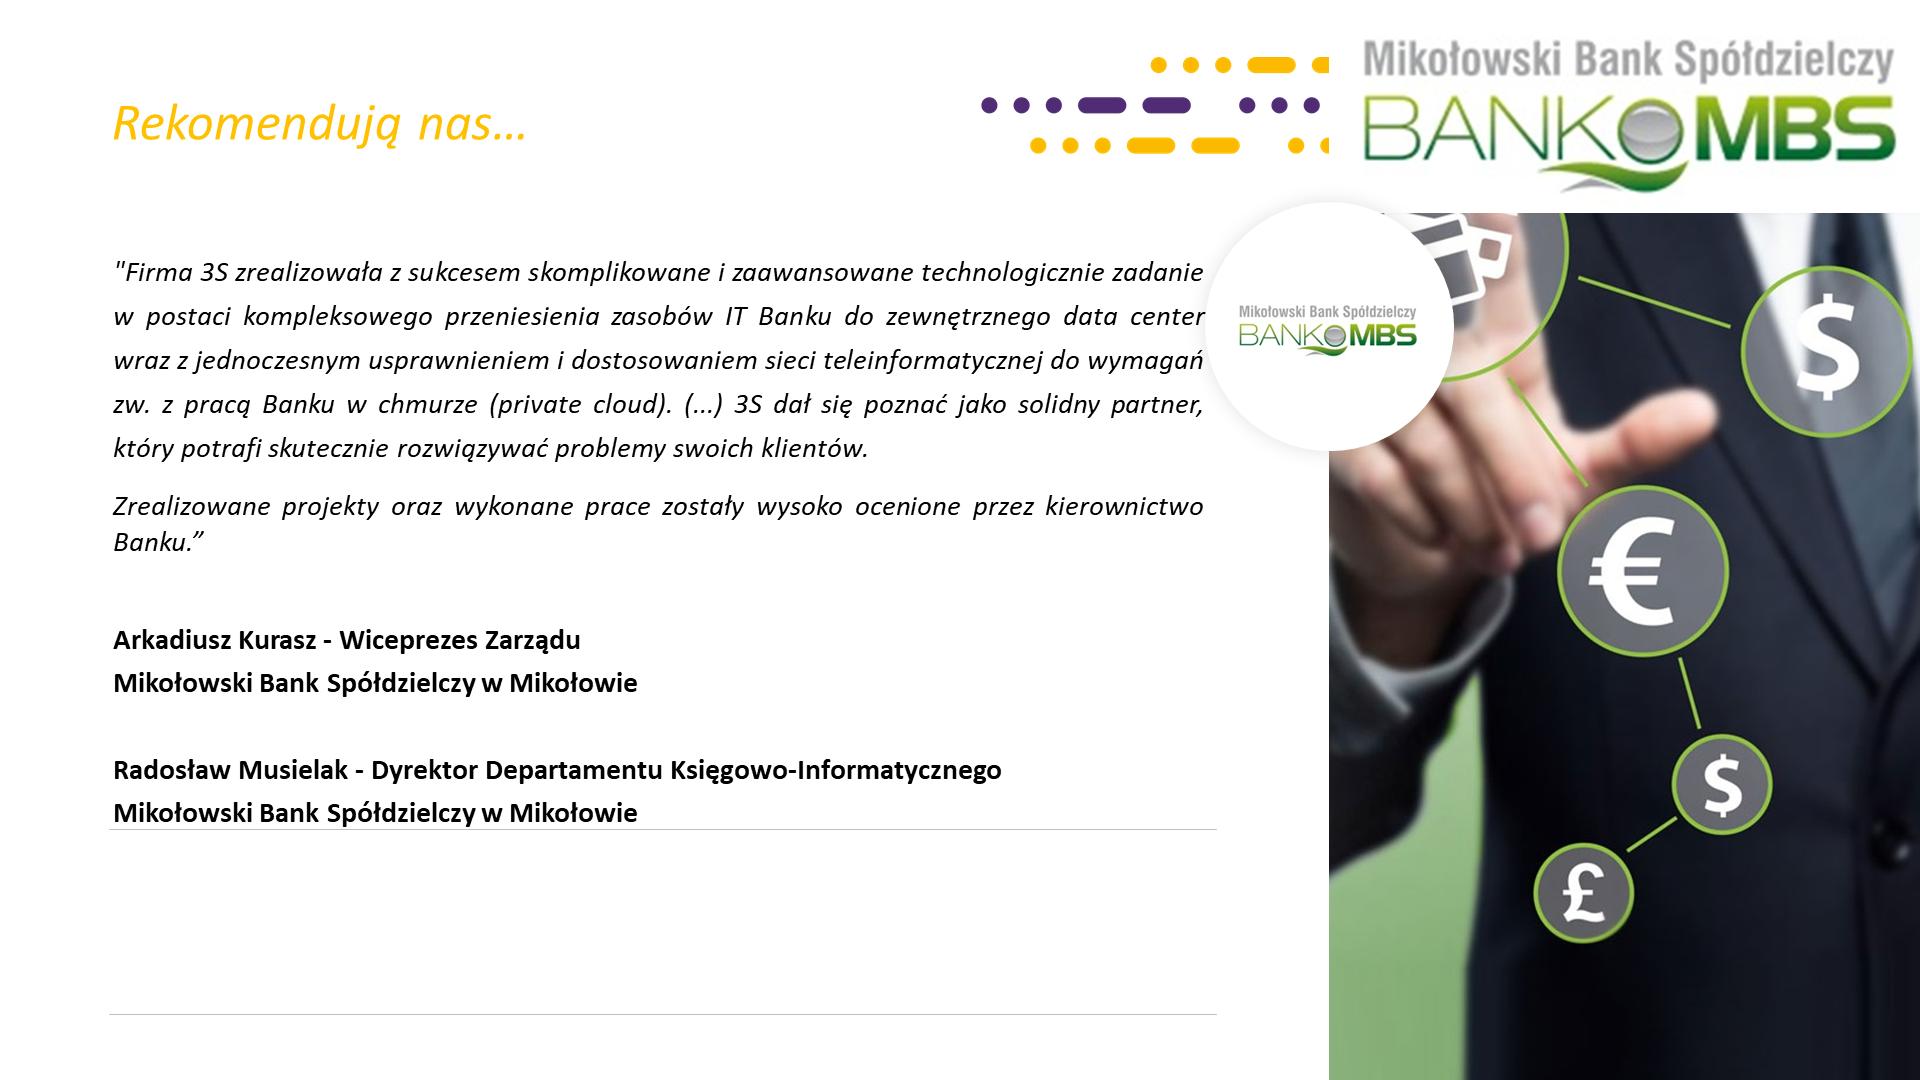 RekomendacjaBankSpoldzielczyMikolow